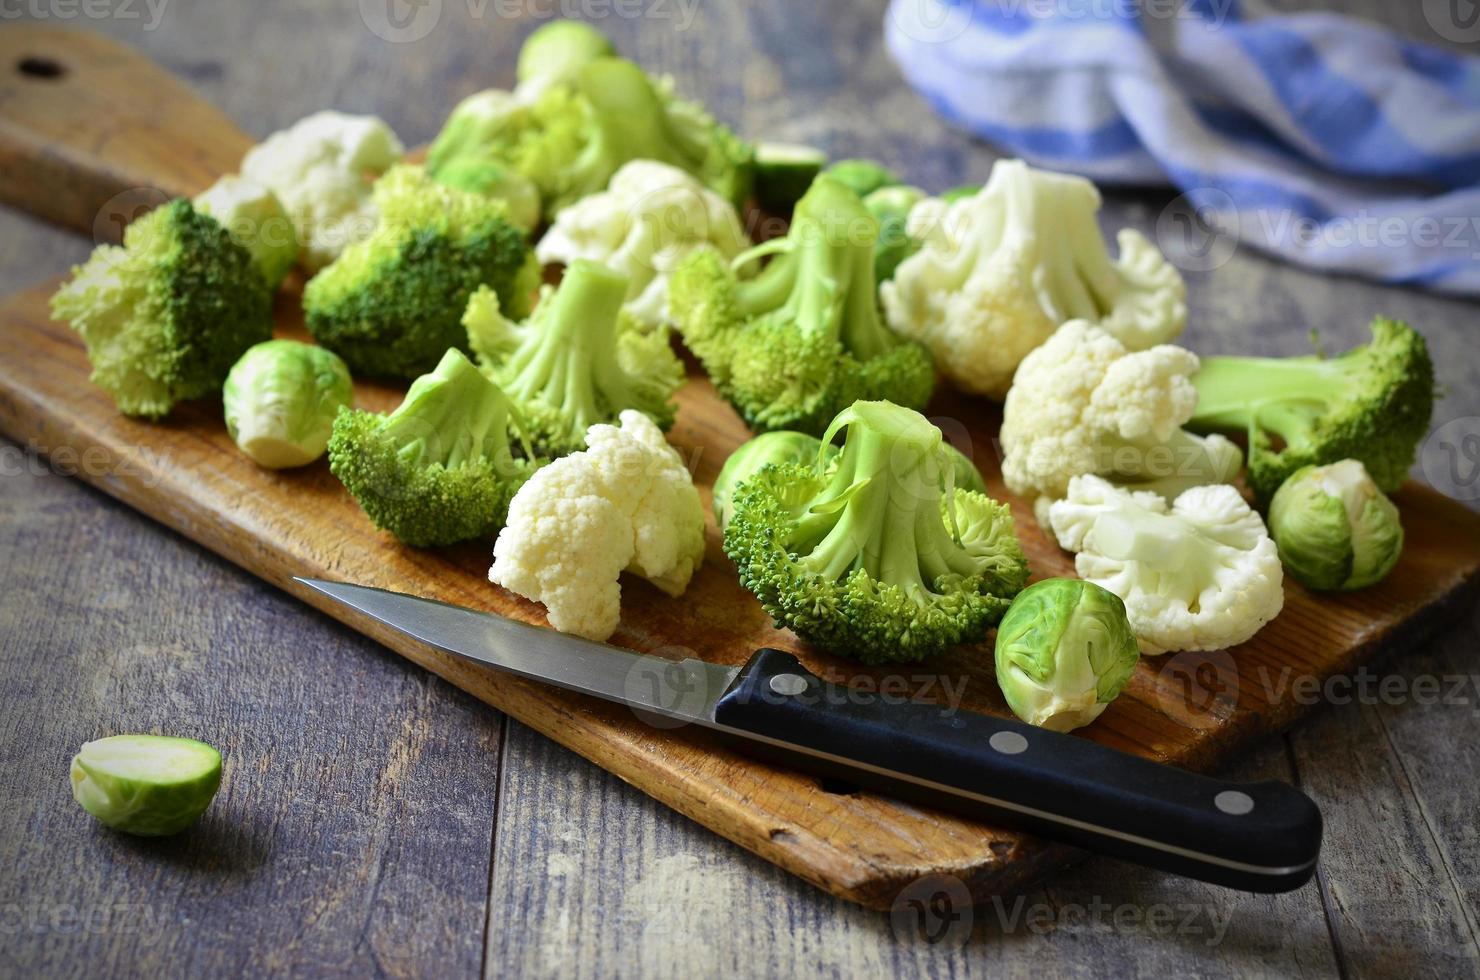 cavoletti di Bruxelles, broccoli e cavolfiori. foto